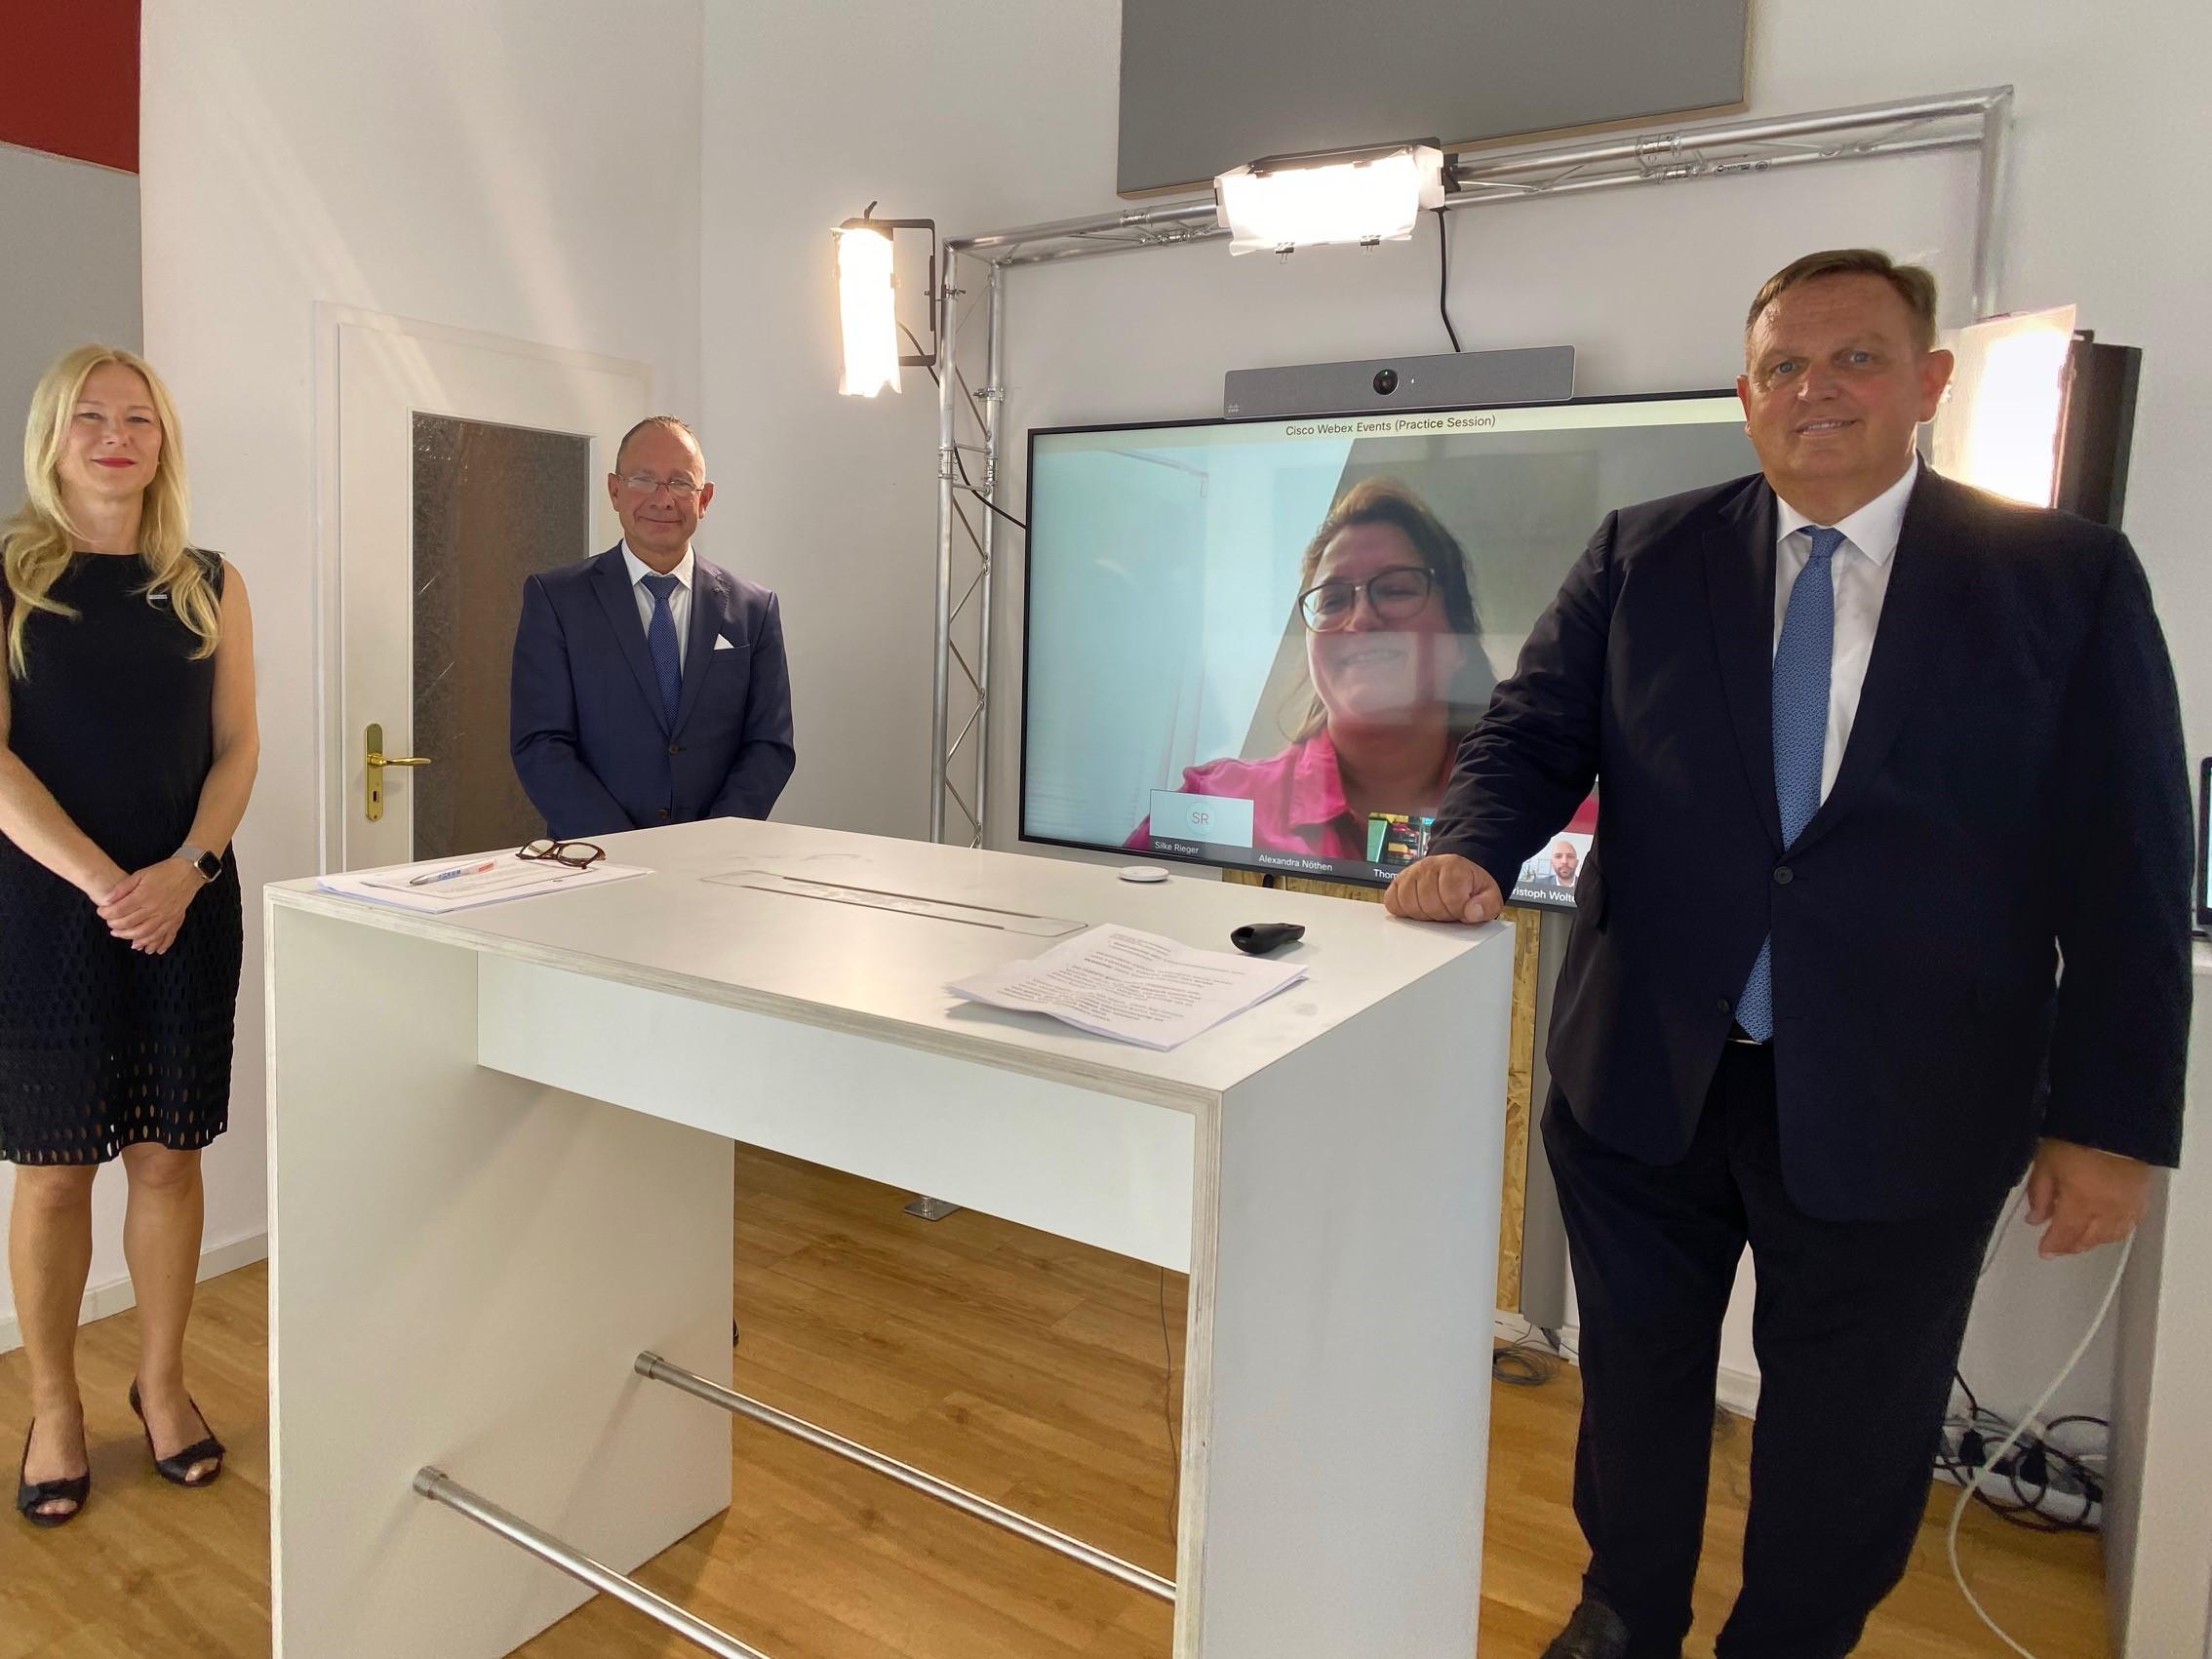 V. r.: Georg Stecker, Martin Restle und Anja Bischof. Auf dem Bildschirm: Alexandra Nöthen.